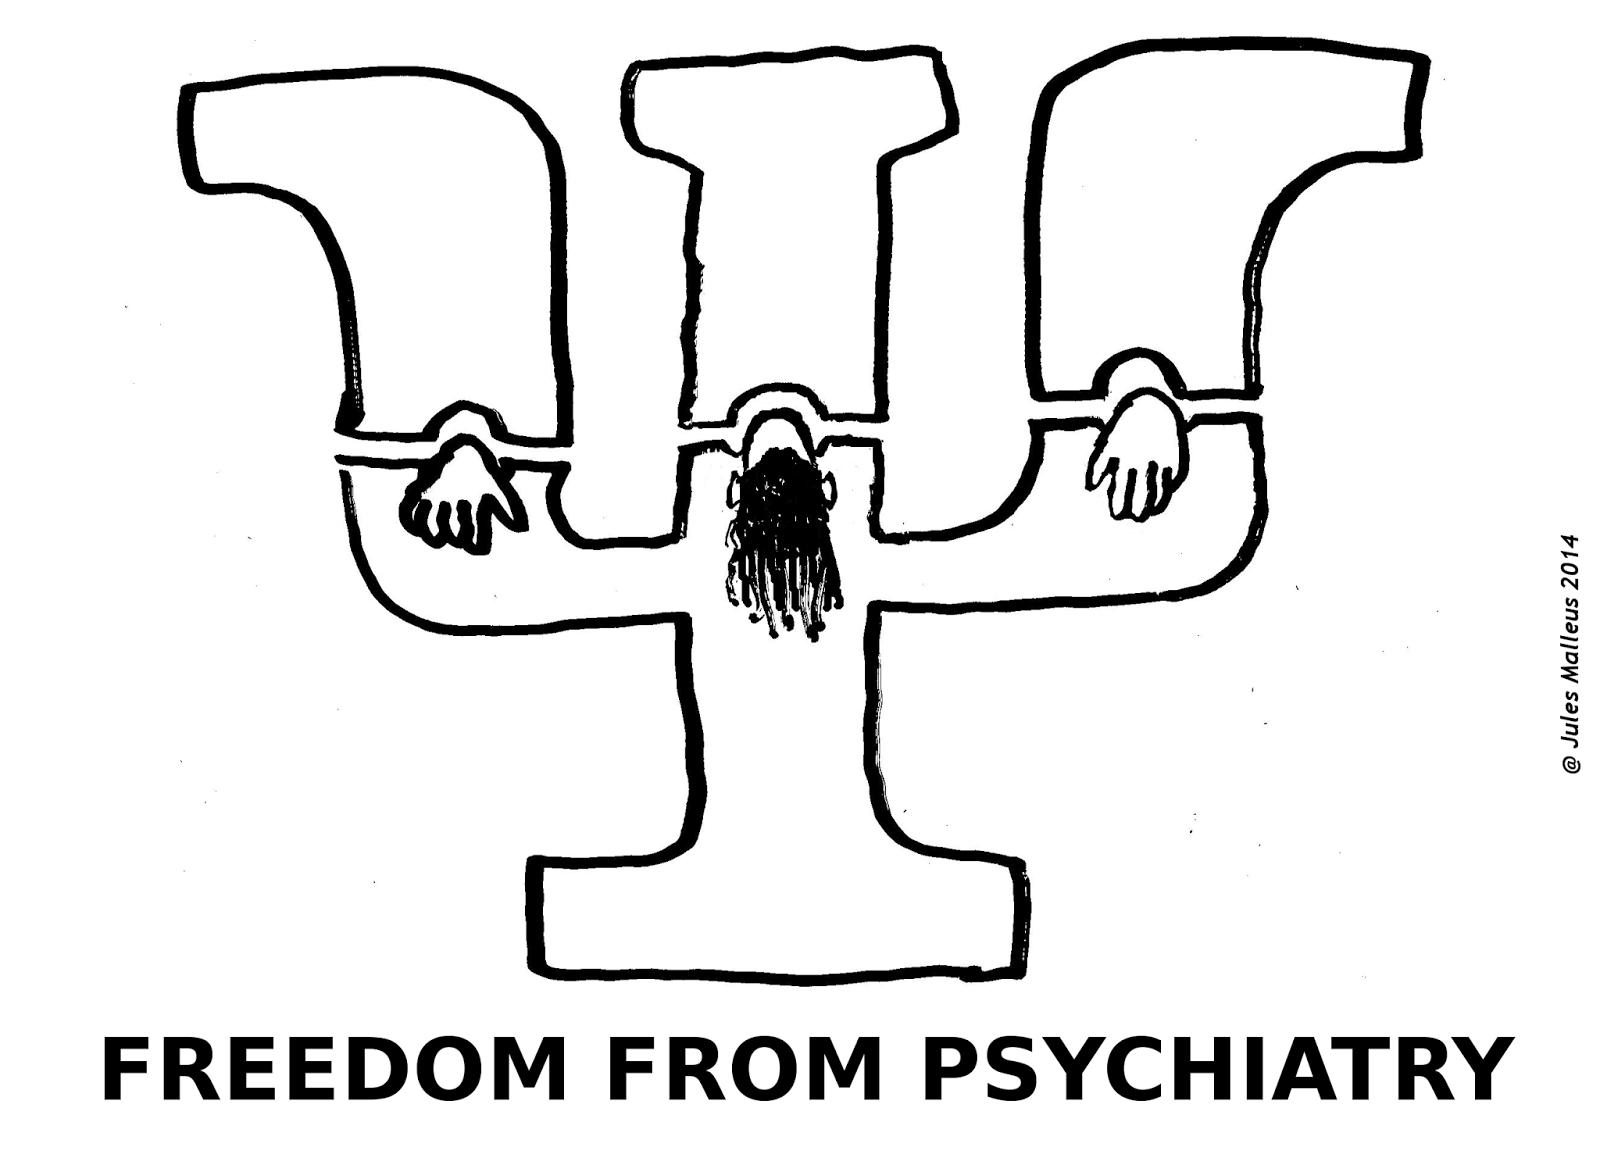 Épinglé par Danielle Poirier sur anti-psychiatric movement